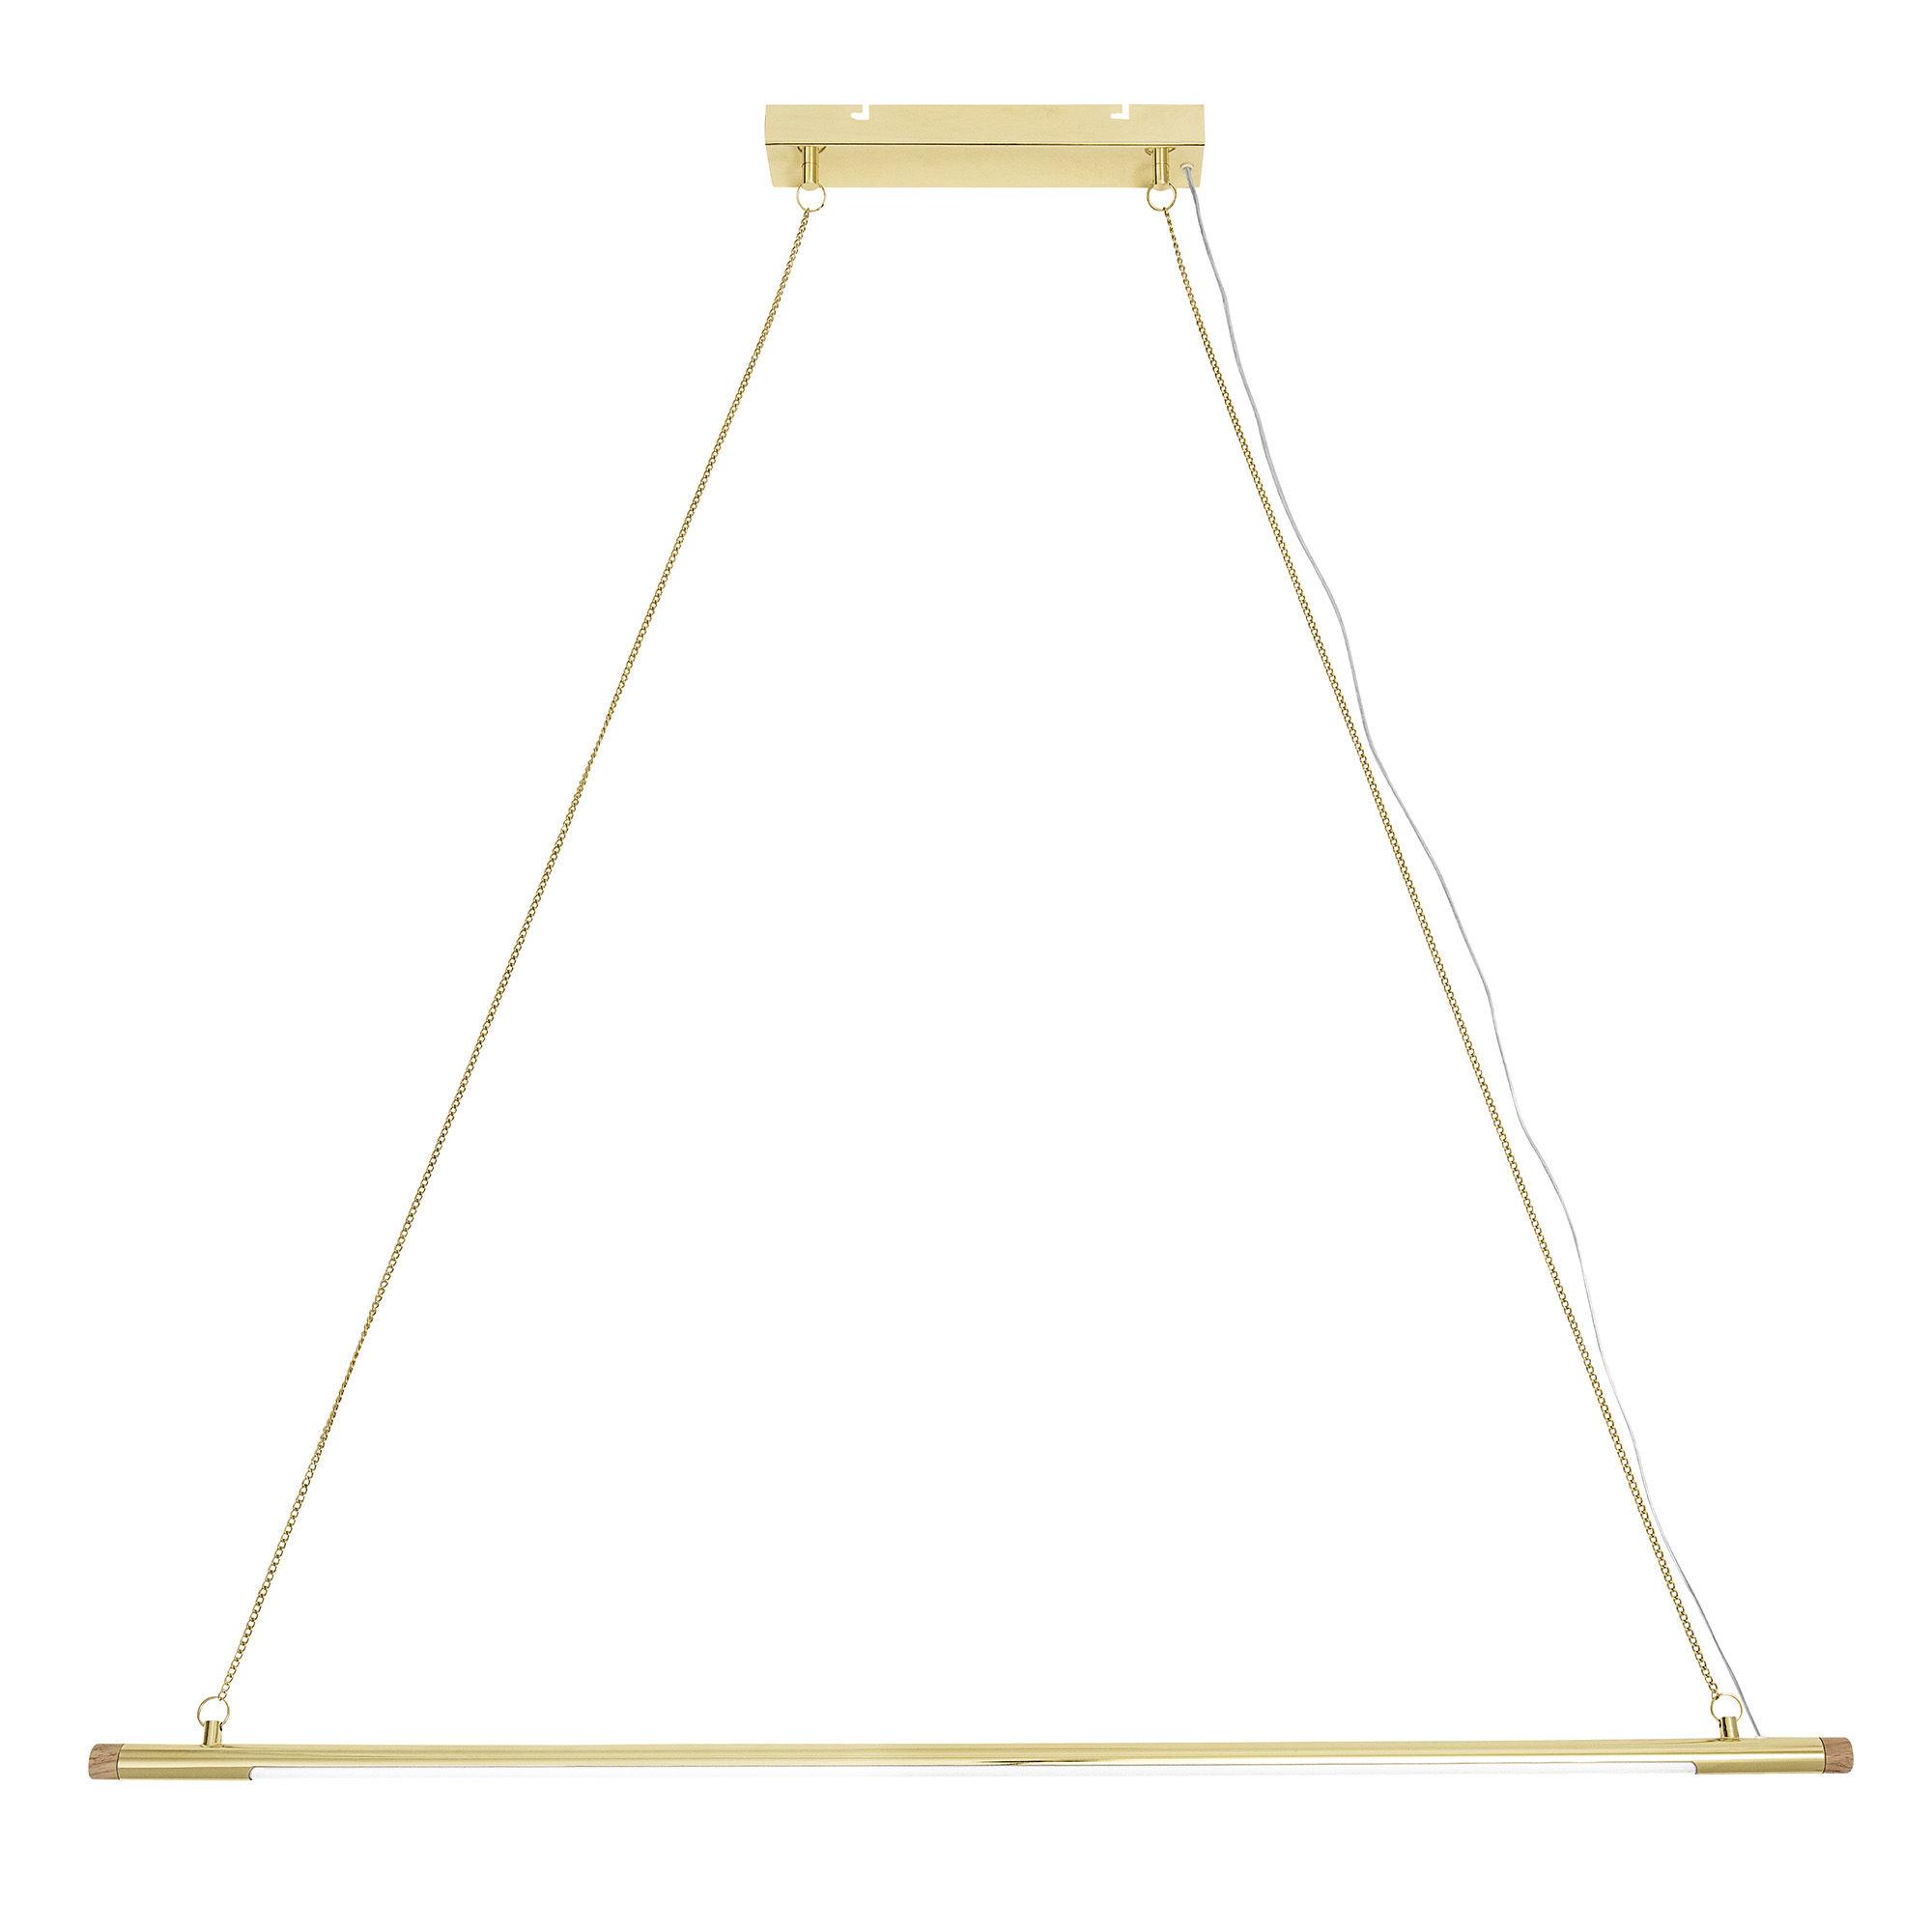 Illuminazione - Lampadari - Sospensione Gold LED - / Metallo & Rovere - L 124 cm di Bloomingville - Oro & frassino - Frêne massif naturel, Metallo